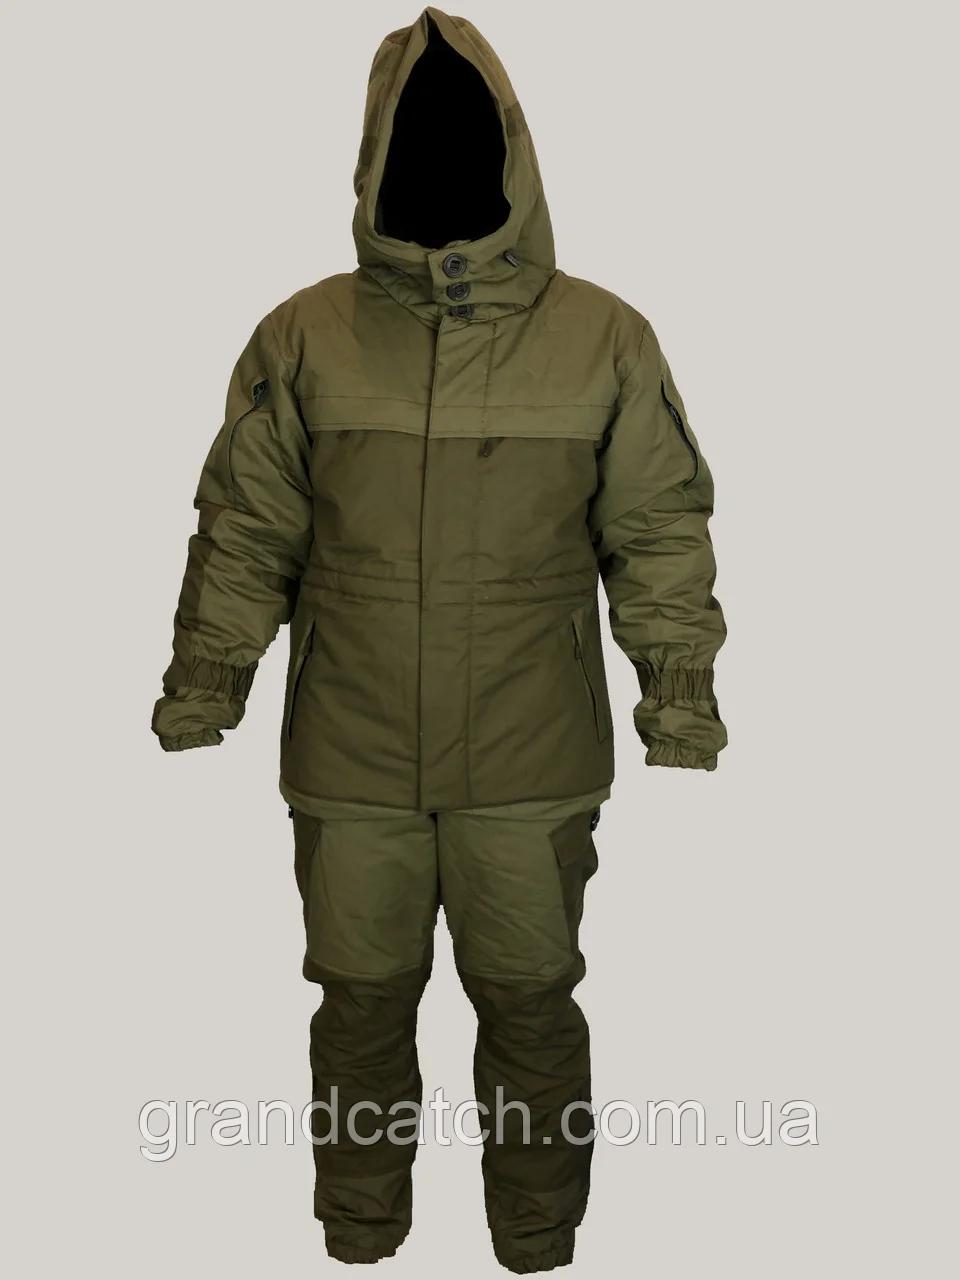 Костюм Горка 3 Slimtex Палатка